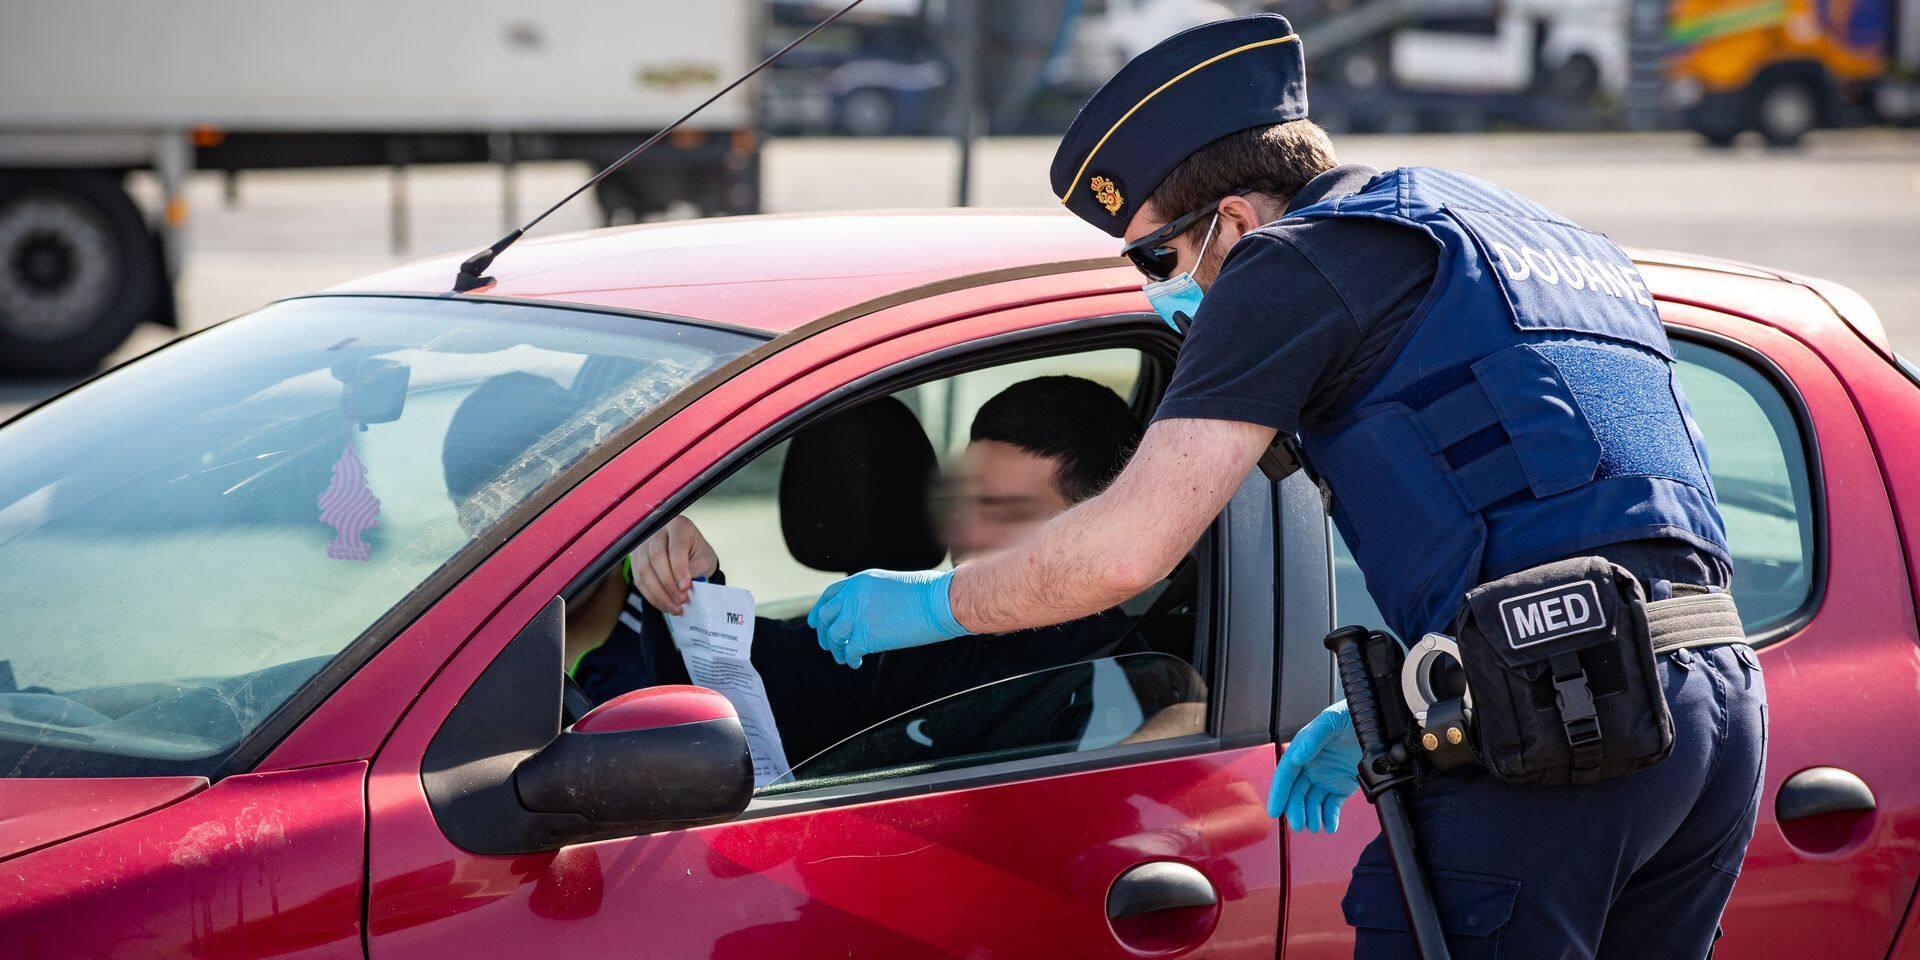 Europol met en garde contre les faux tests PCR : faut-il y voir une explosion de la pratique ?